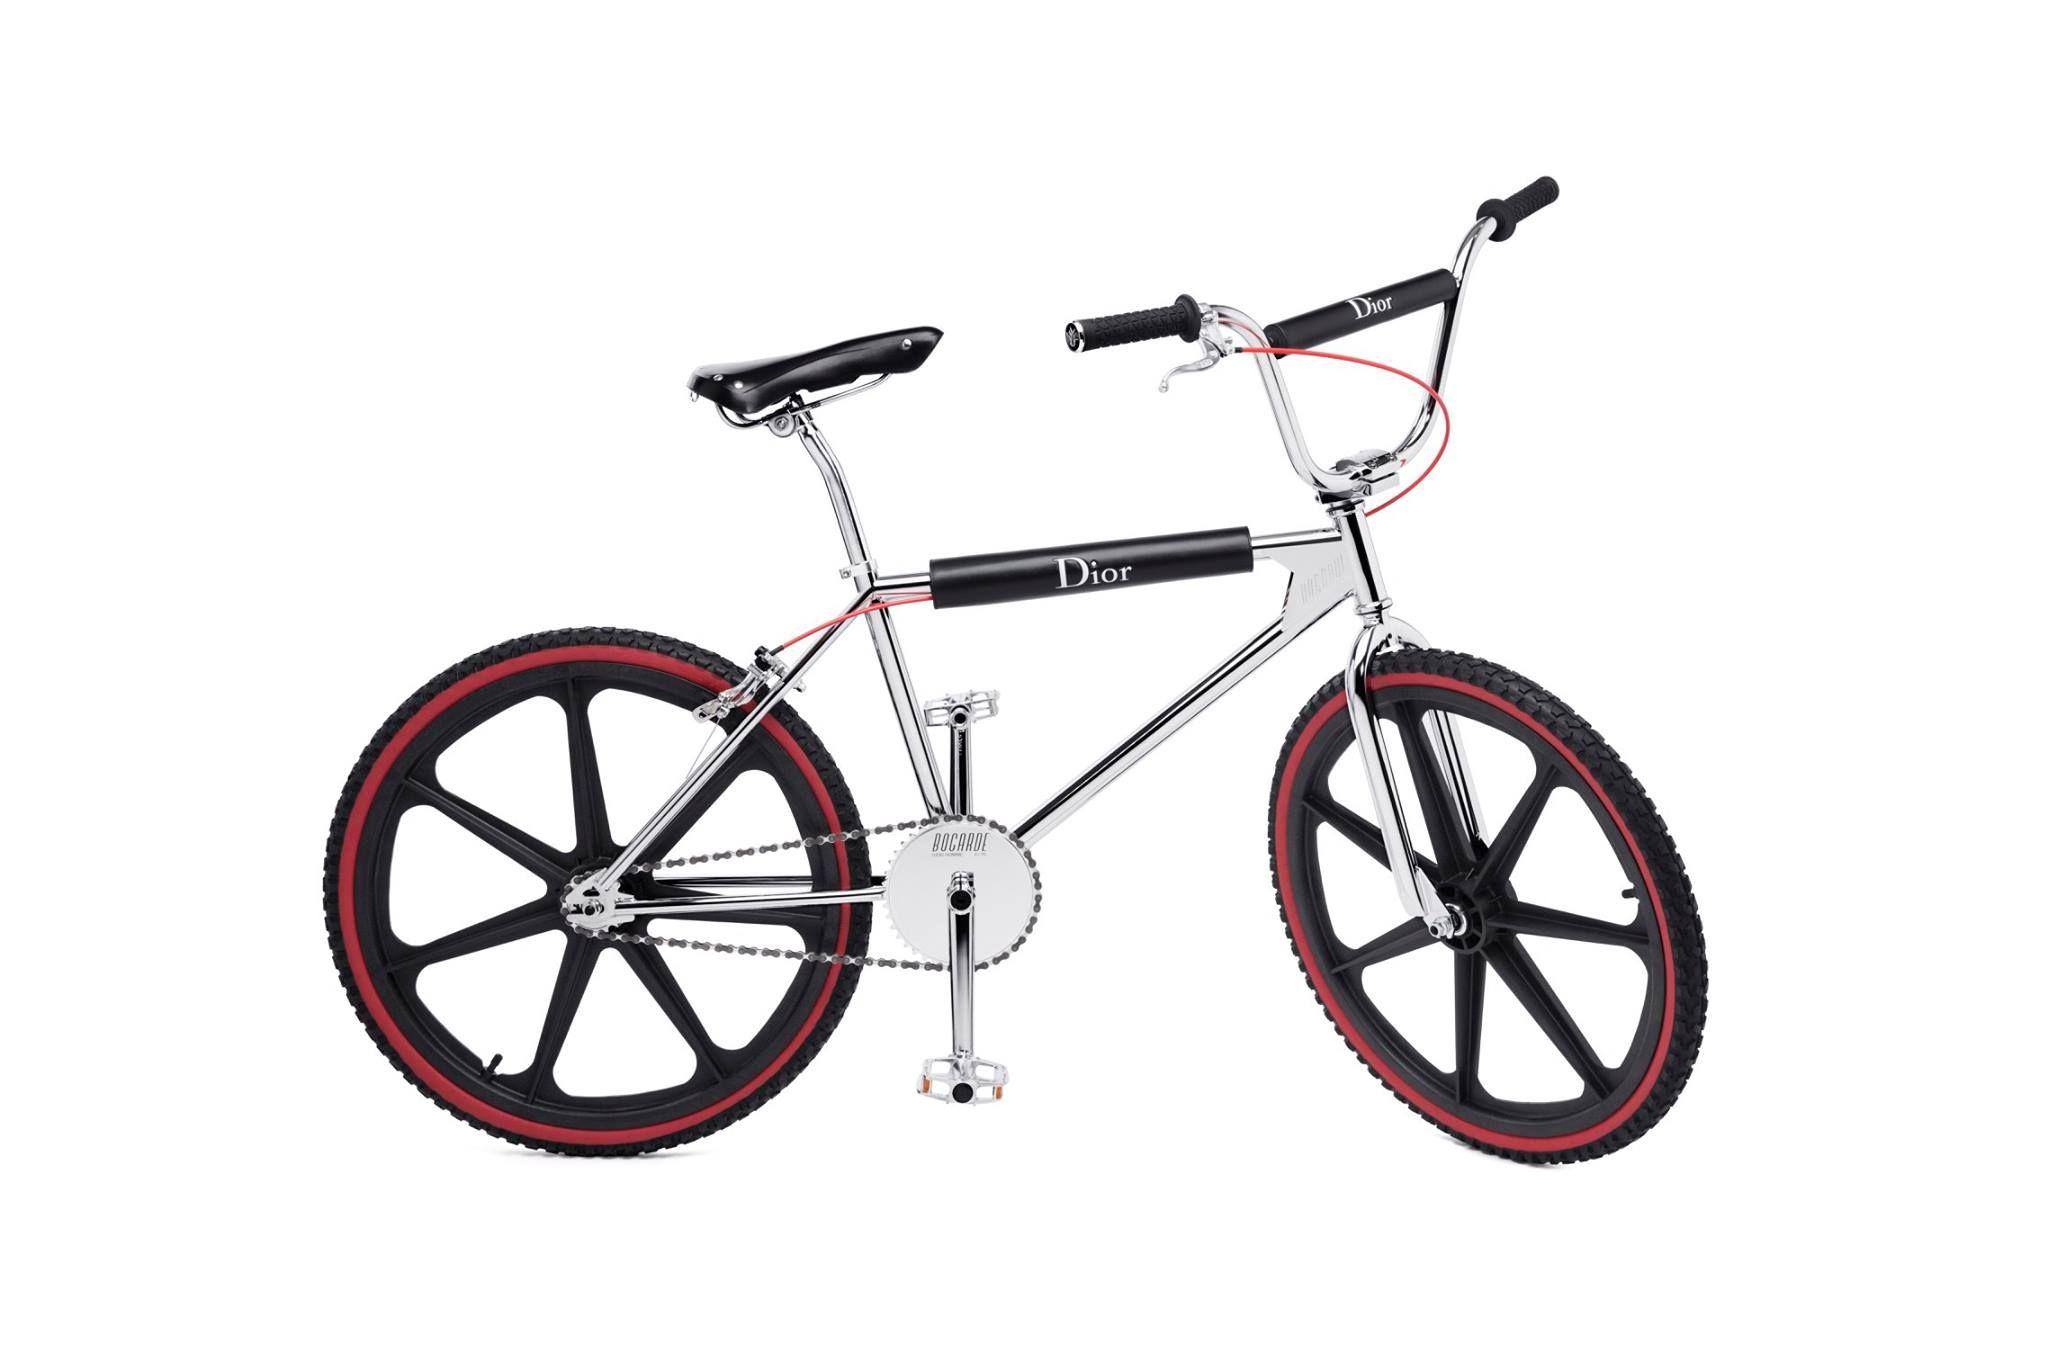 c5f45e3888e Dior Bike - Dior s Limited-Edition Luxury Bike